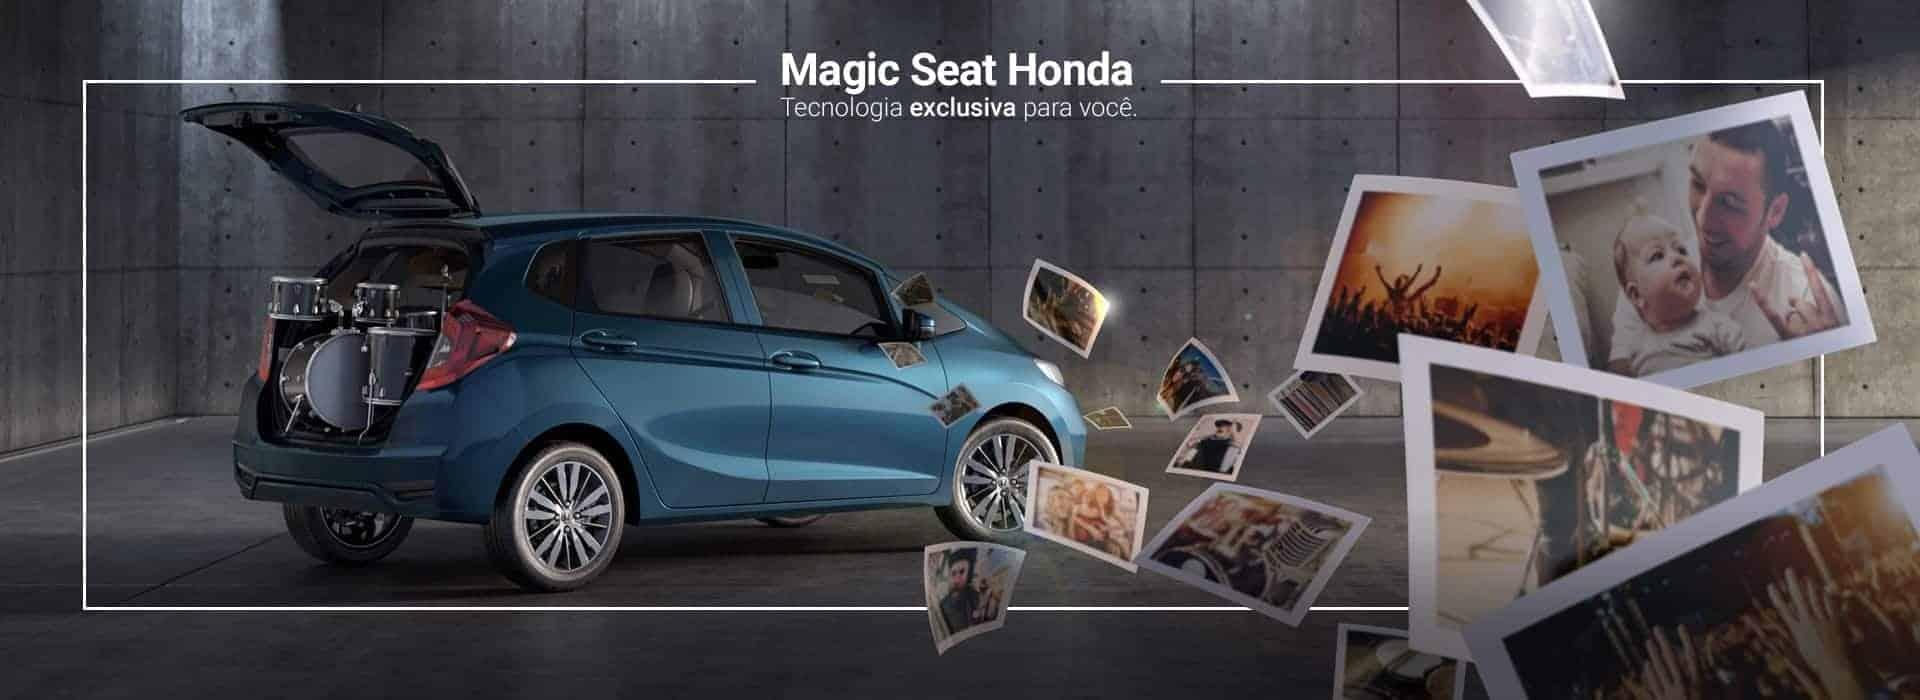 Honda Shori Fit fit desktop.jpg